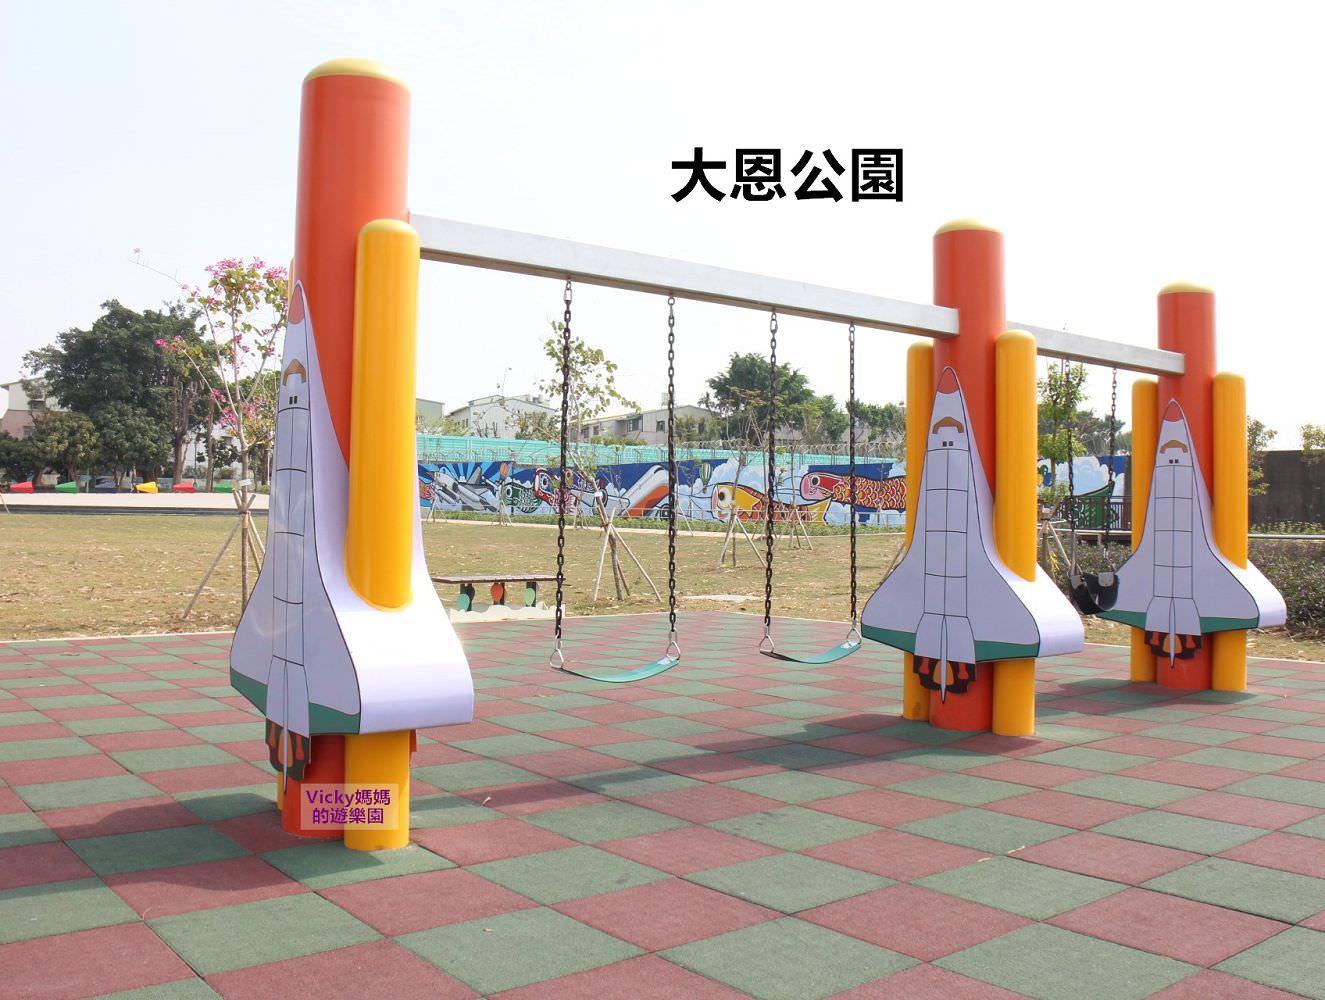 台南親子景點︱台南特色公園︱大恩特色公園:戰鬥機、熱氣球跳床、互動式直升機、太空梭鞦韆、沙坑等飛行器主題公園